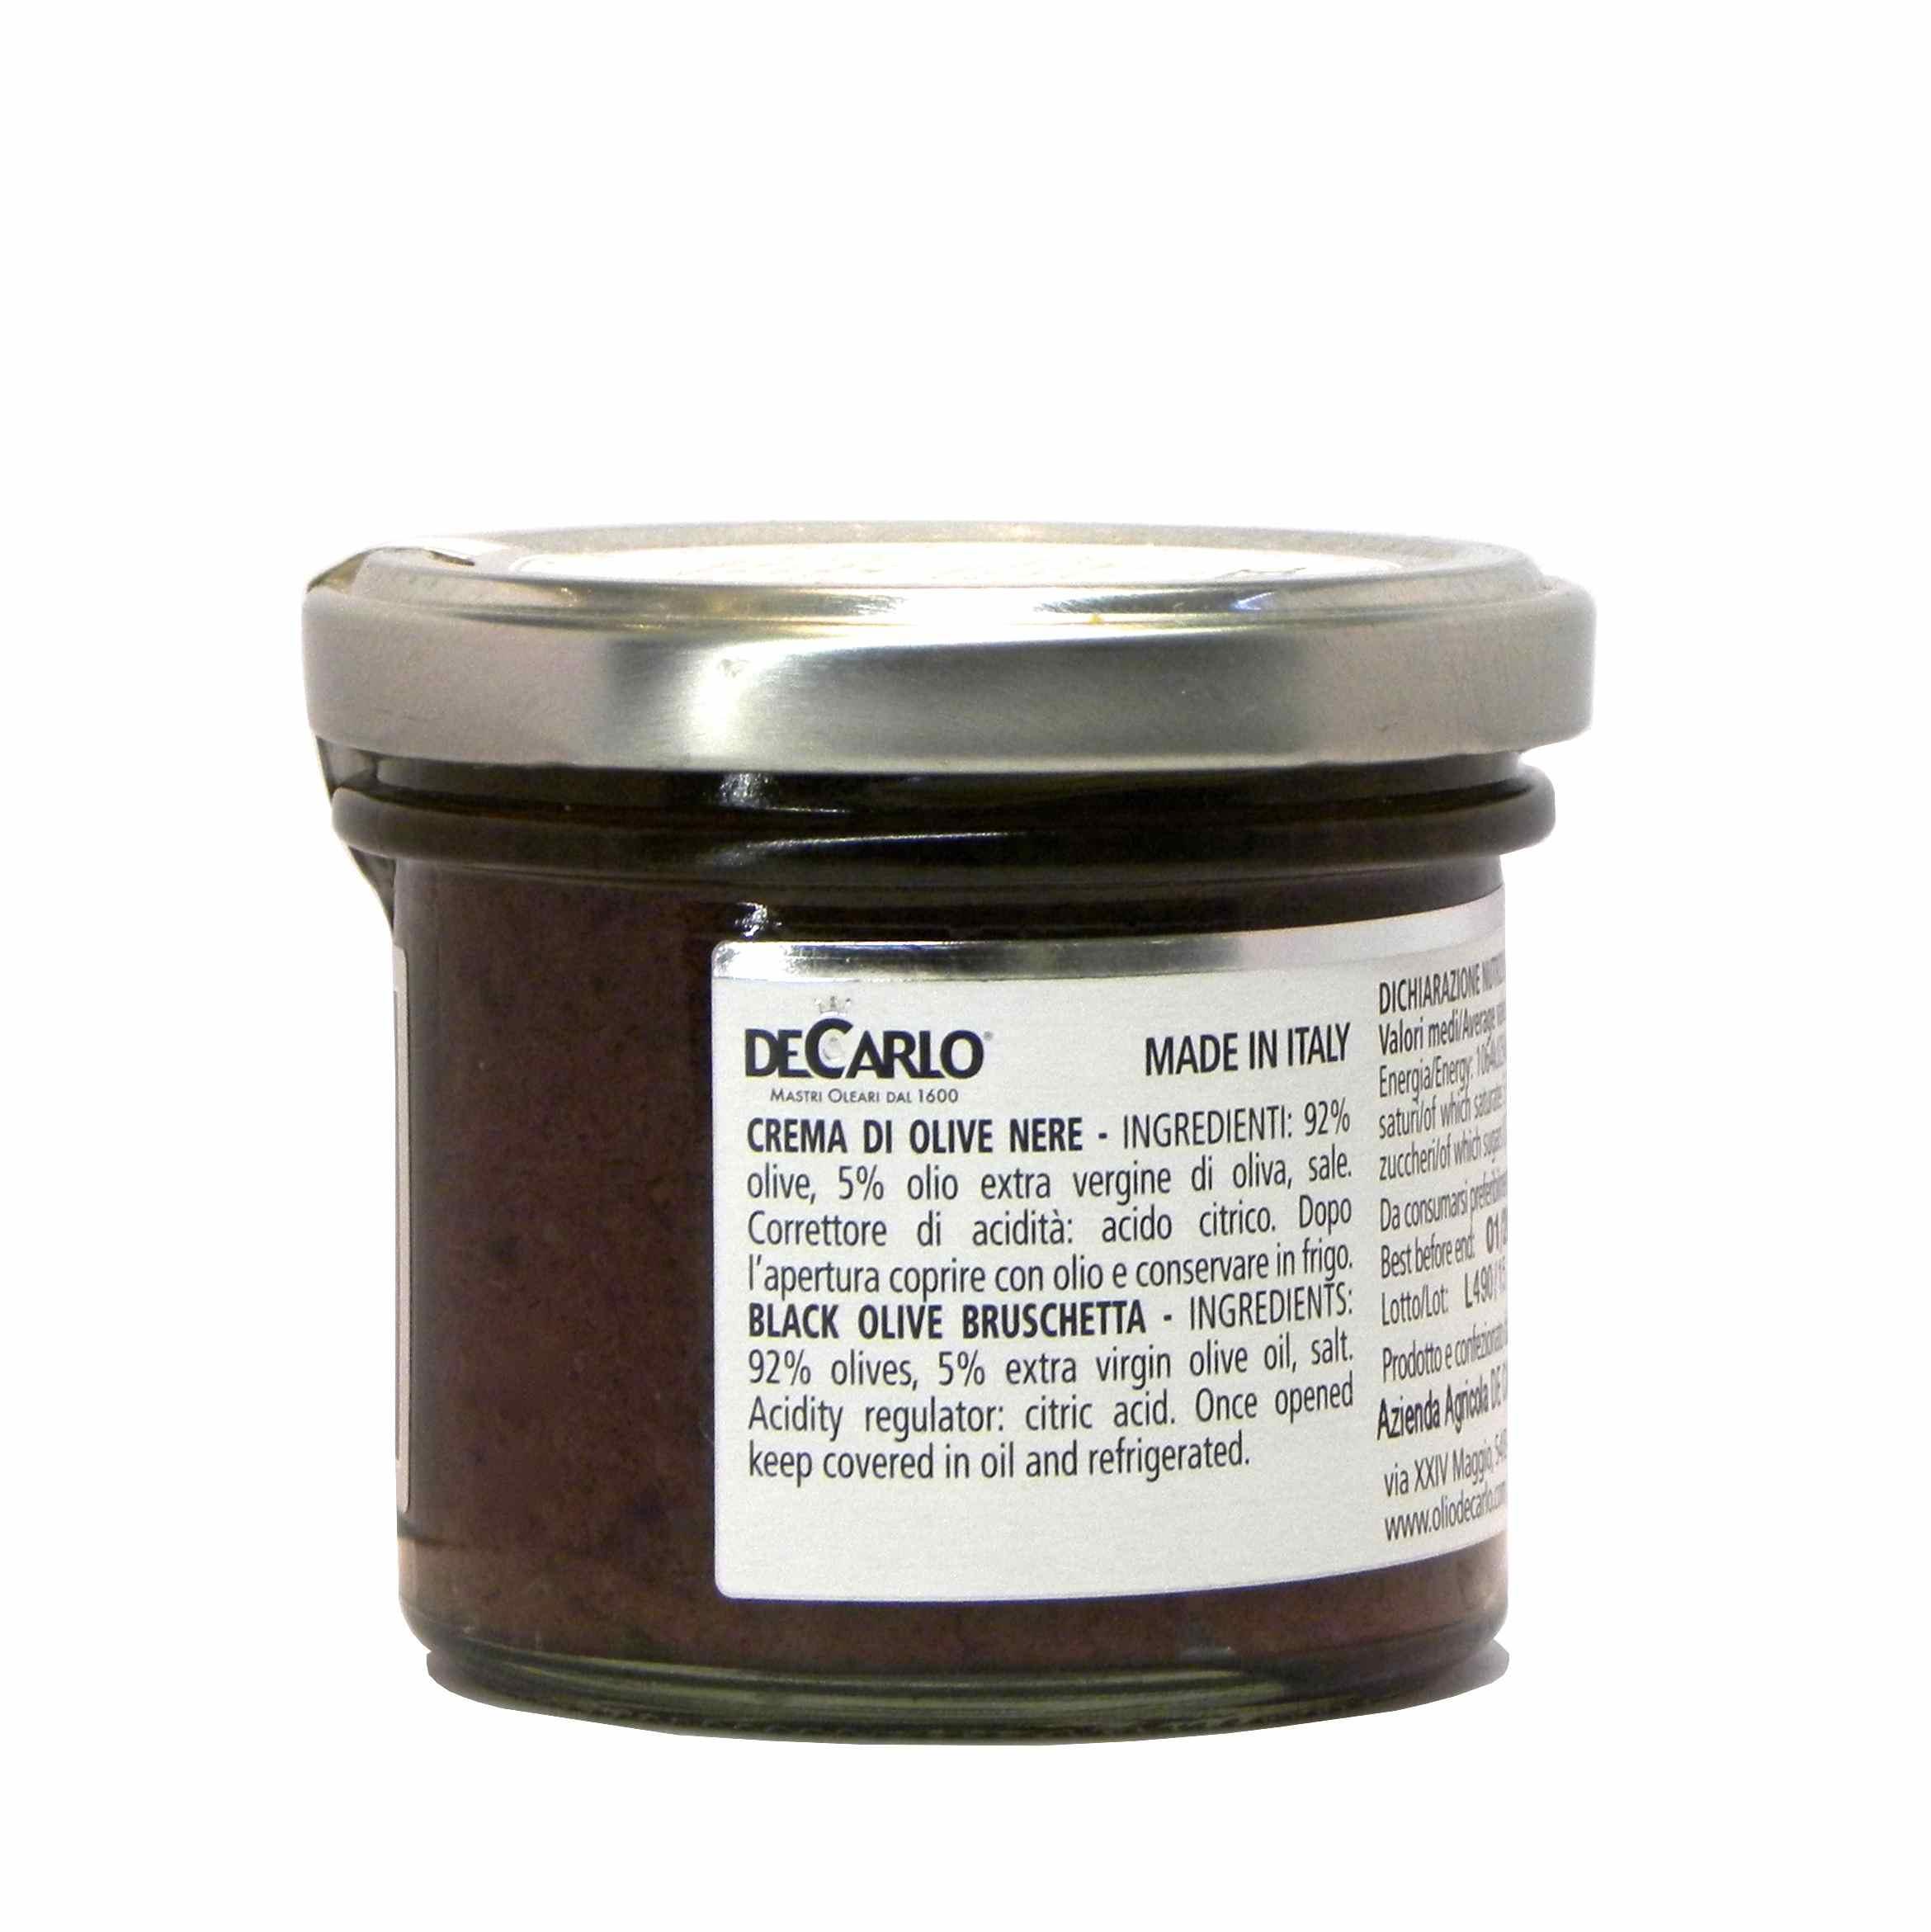 De Carlo crema olive nere – De Carlo black olive bruschetta – Gustorotondo – Italian food boutique